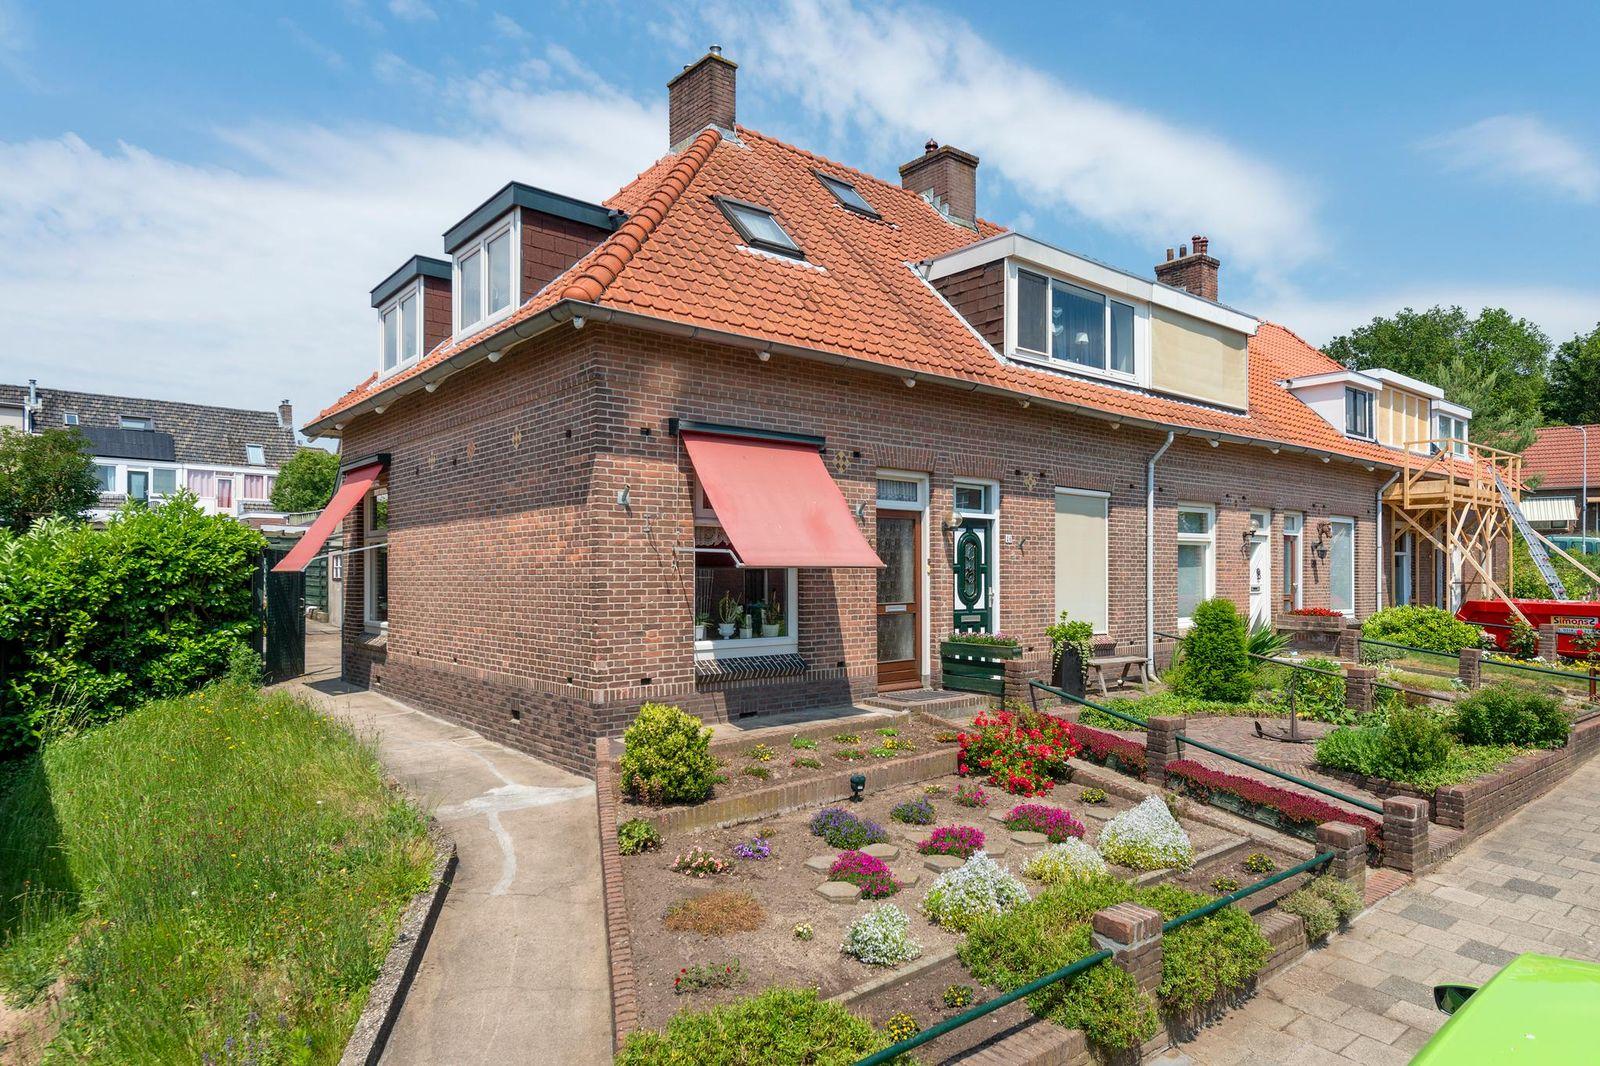 Reuvensweg 44, Oosterbeek